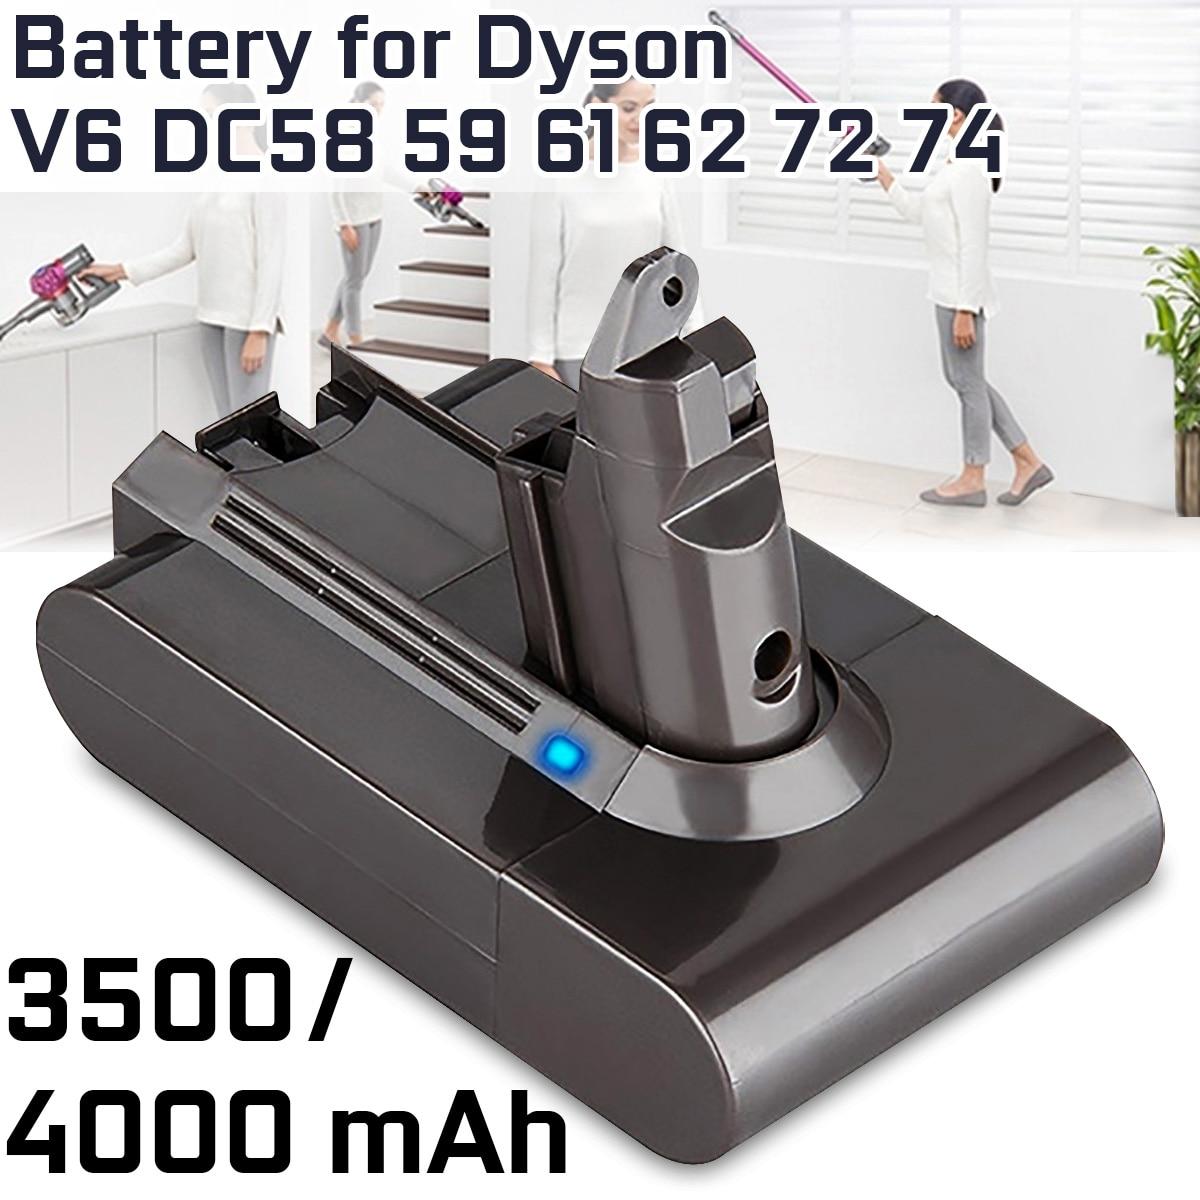 4000mAh 3500mAh Li-ion Vacuum Cleaner Battery Replacement For Dyson Battery V6 DC58 59 61 62 72 74 Replacement Battery